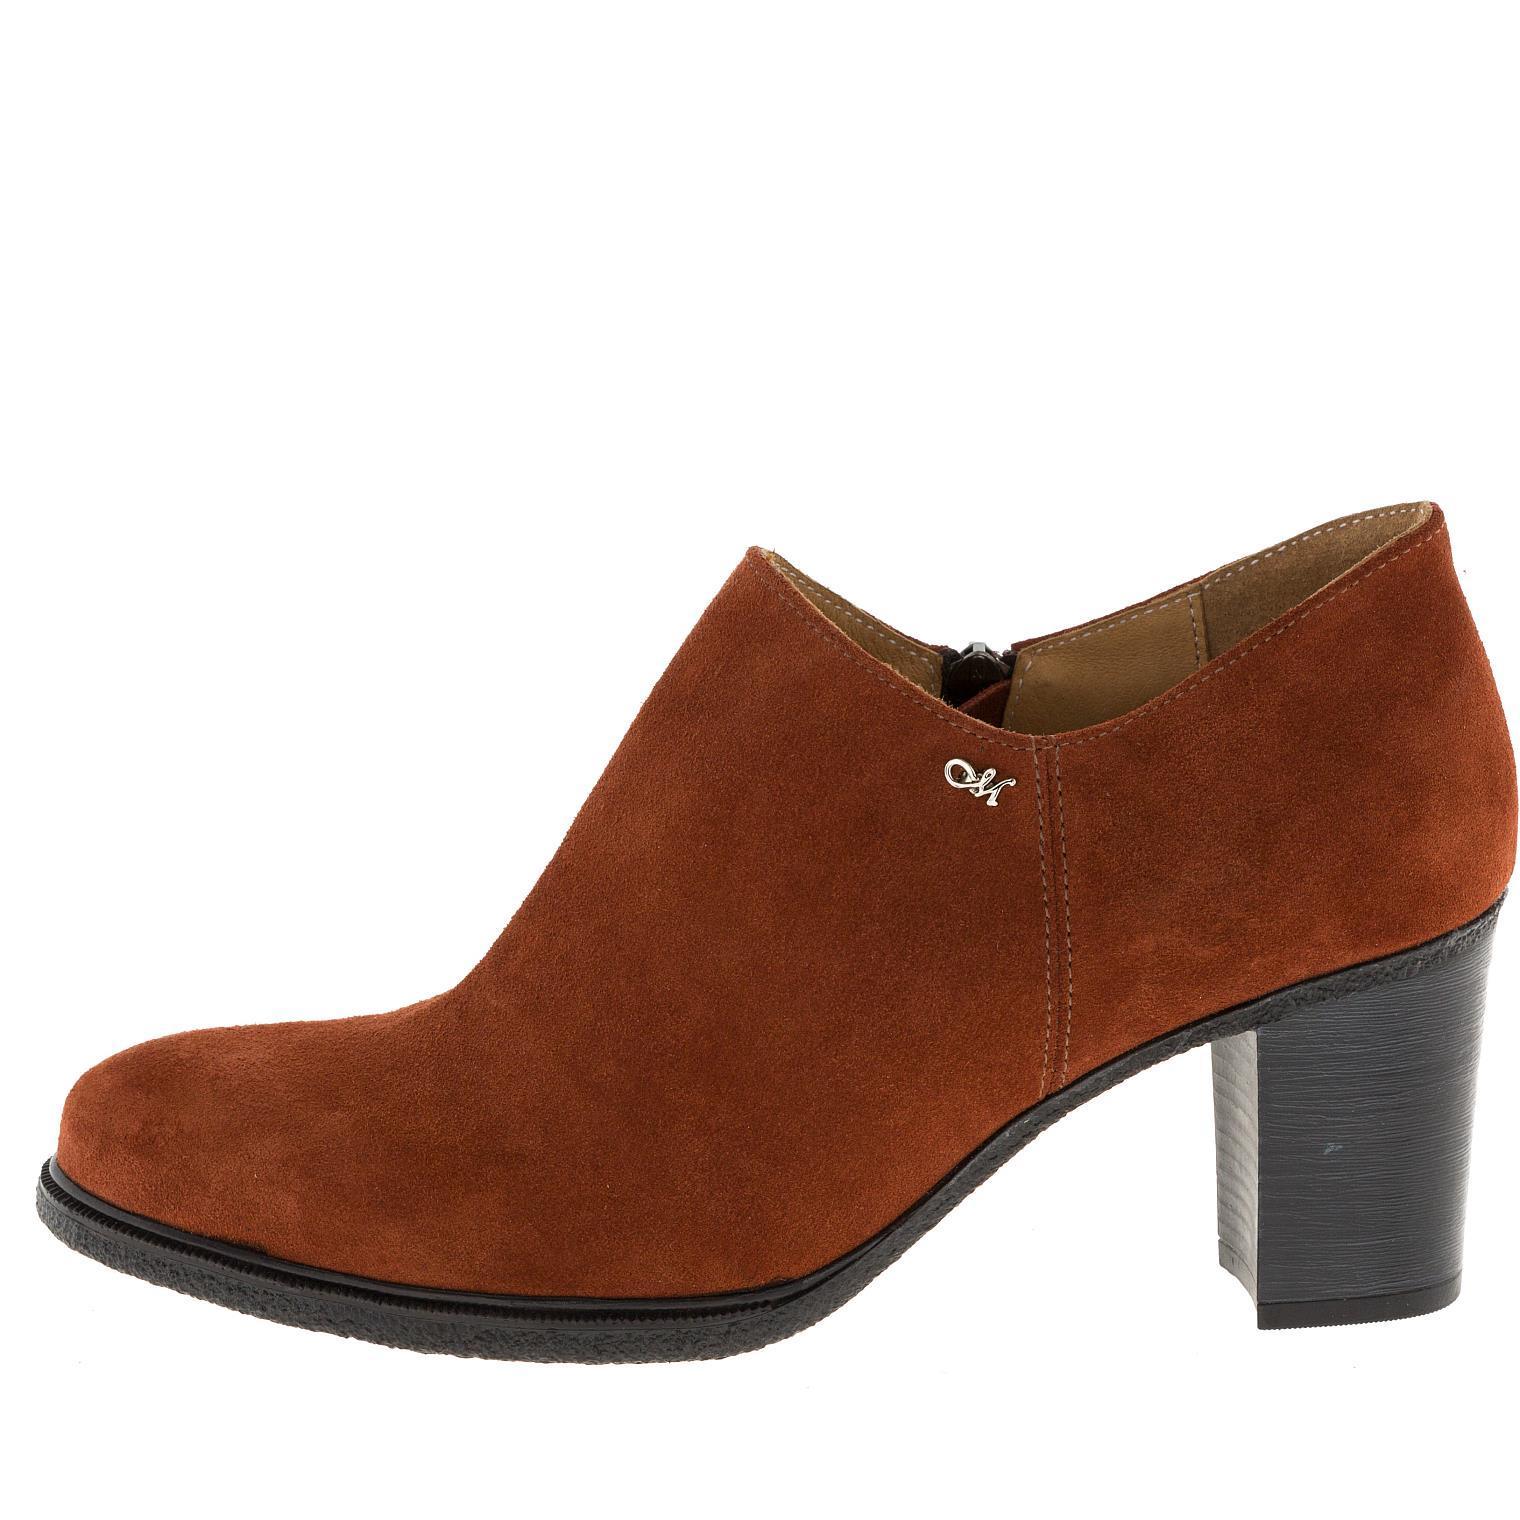 637309 Ботинки женские замша терракот больших размеров марки Делфино